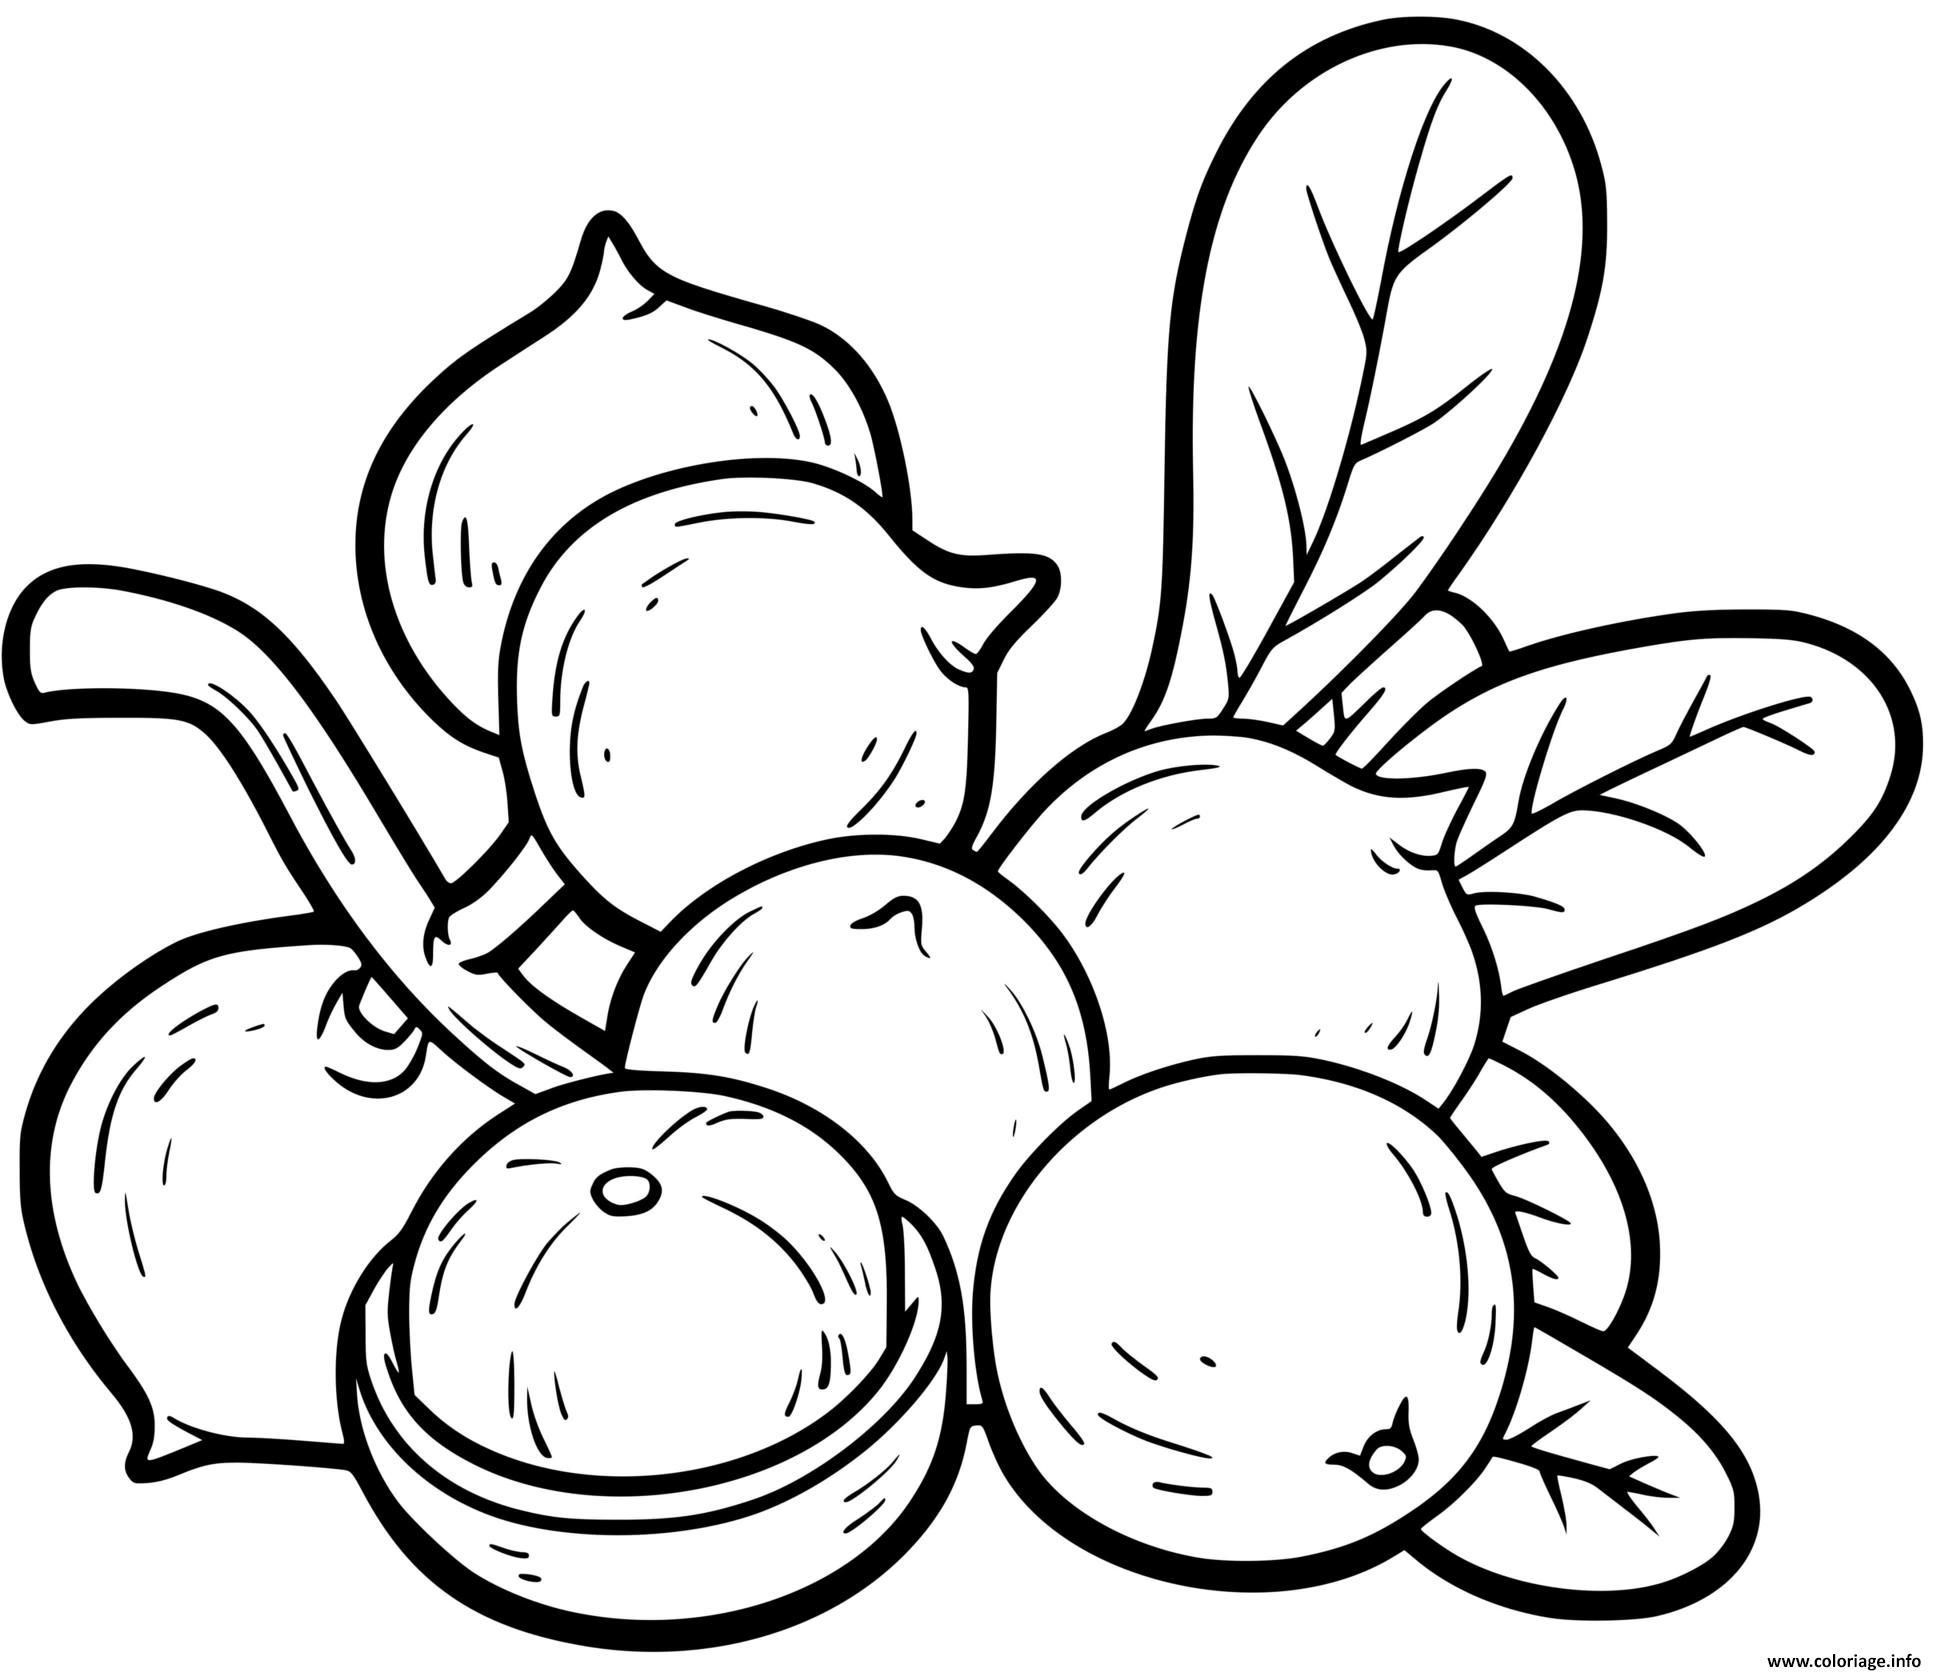 Dessin noix de macadame Coloriage Gratuit à Imprimer